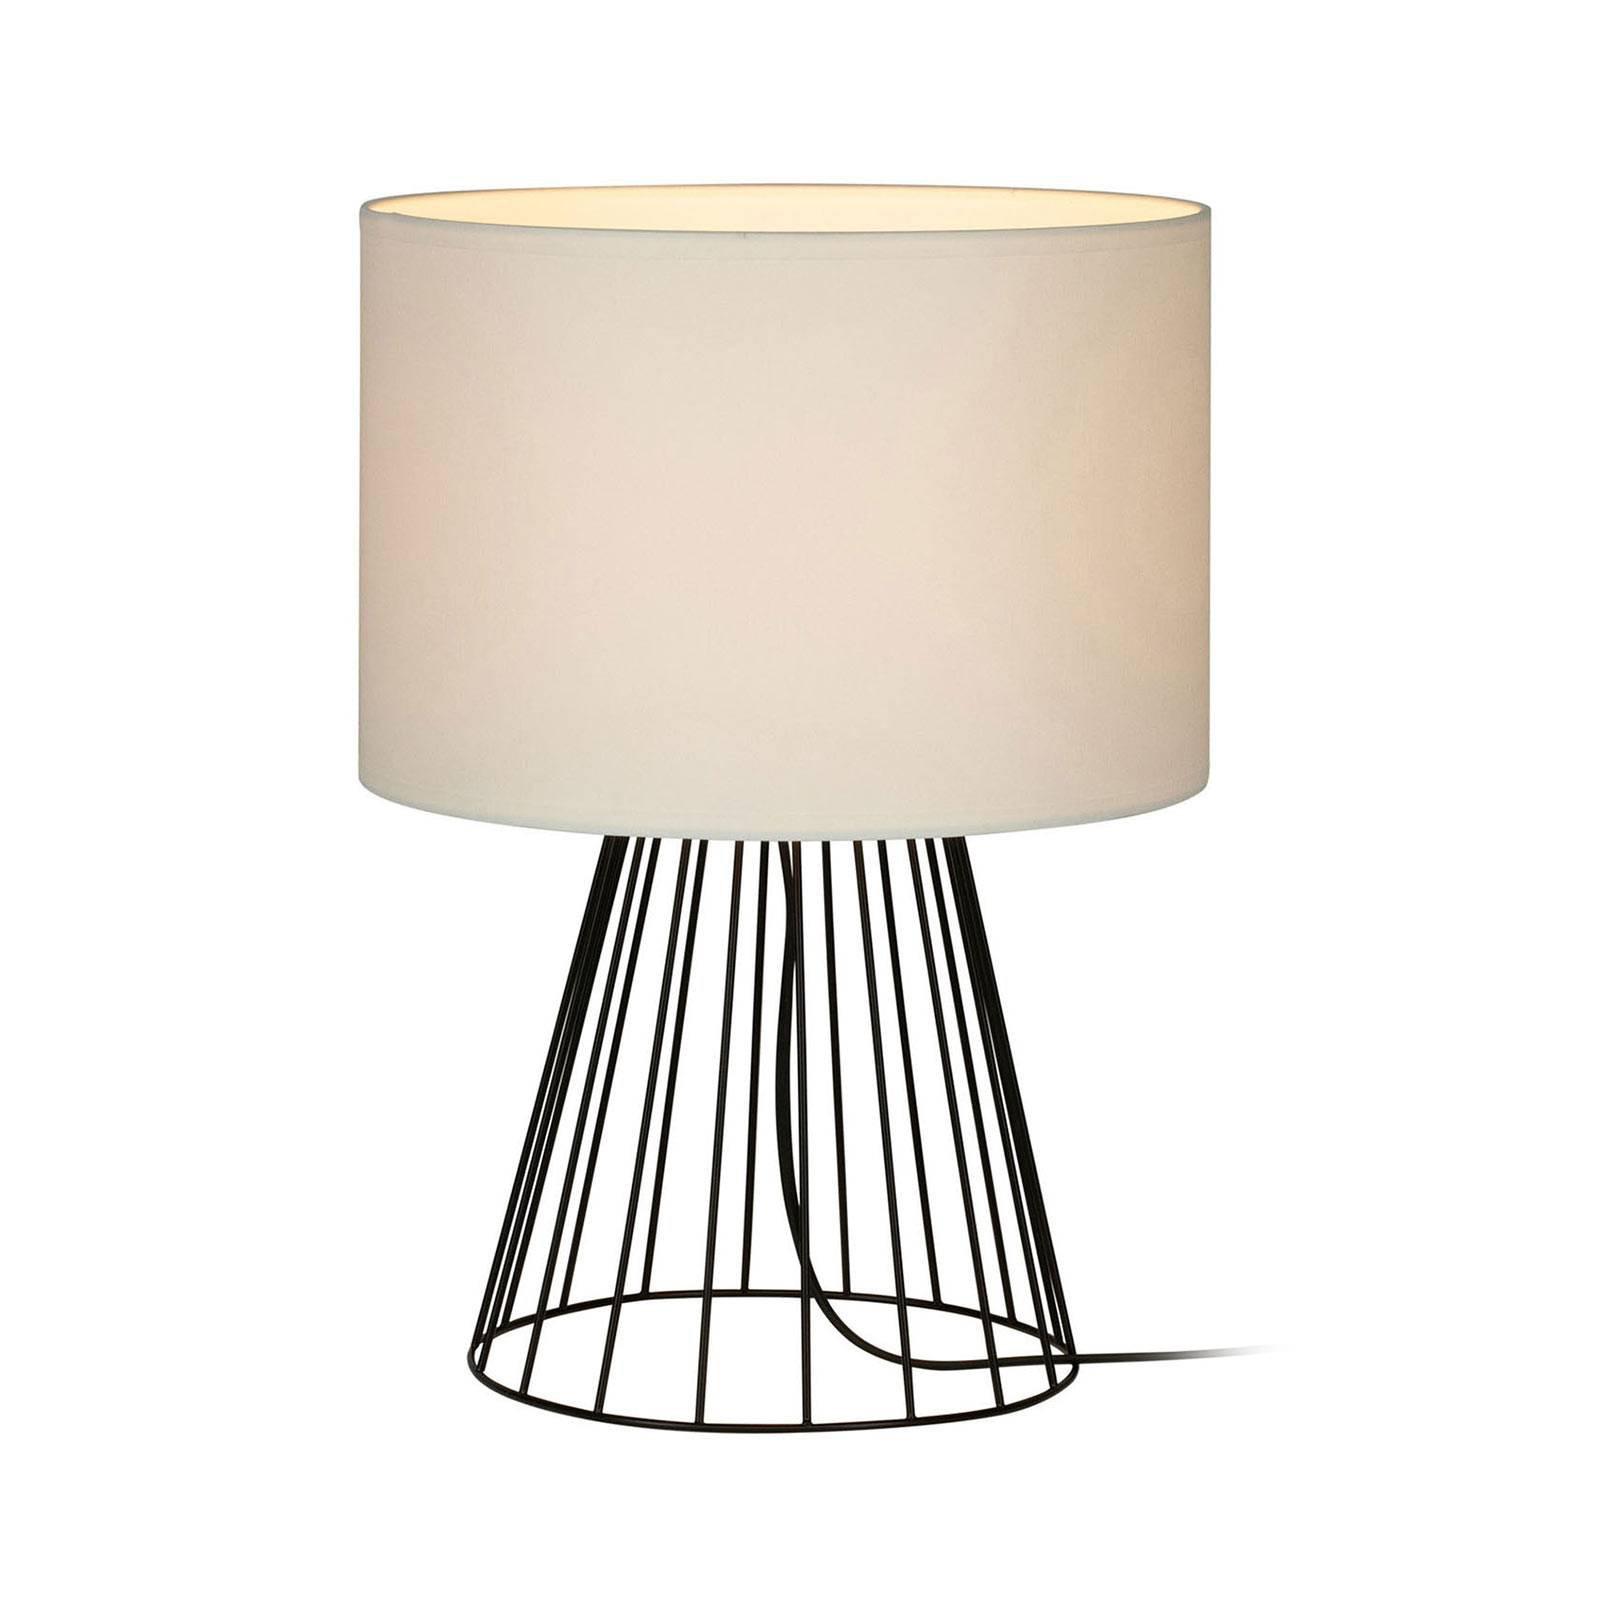 Bordlampe Valene med tekstilskjerm, høyde 44 cm